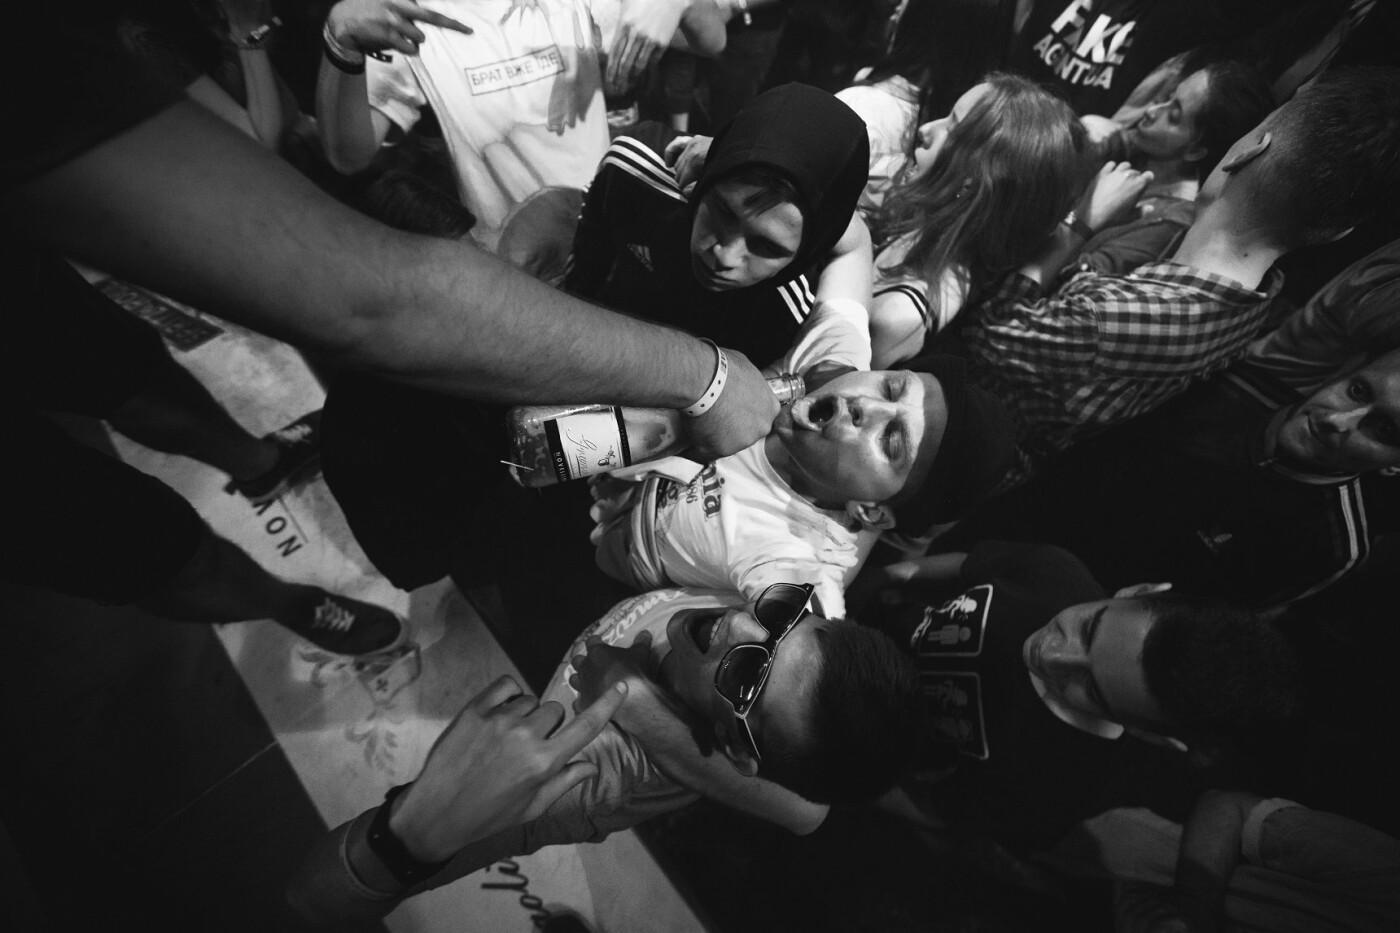 Пропозиція руки та серця, танці до світанку: нічне життя Novellina Beach Stage (фоторепортаж), фото-10